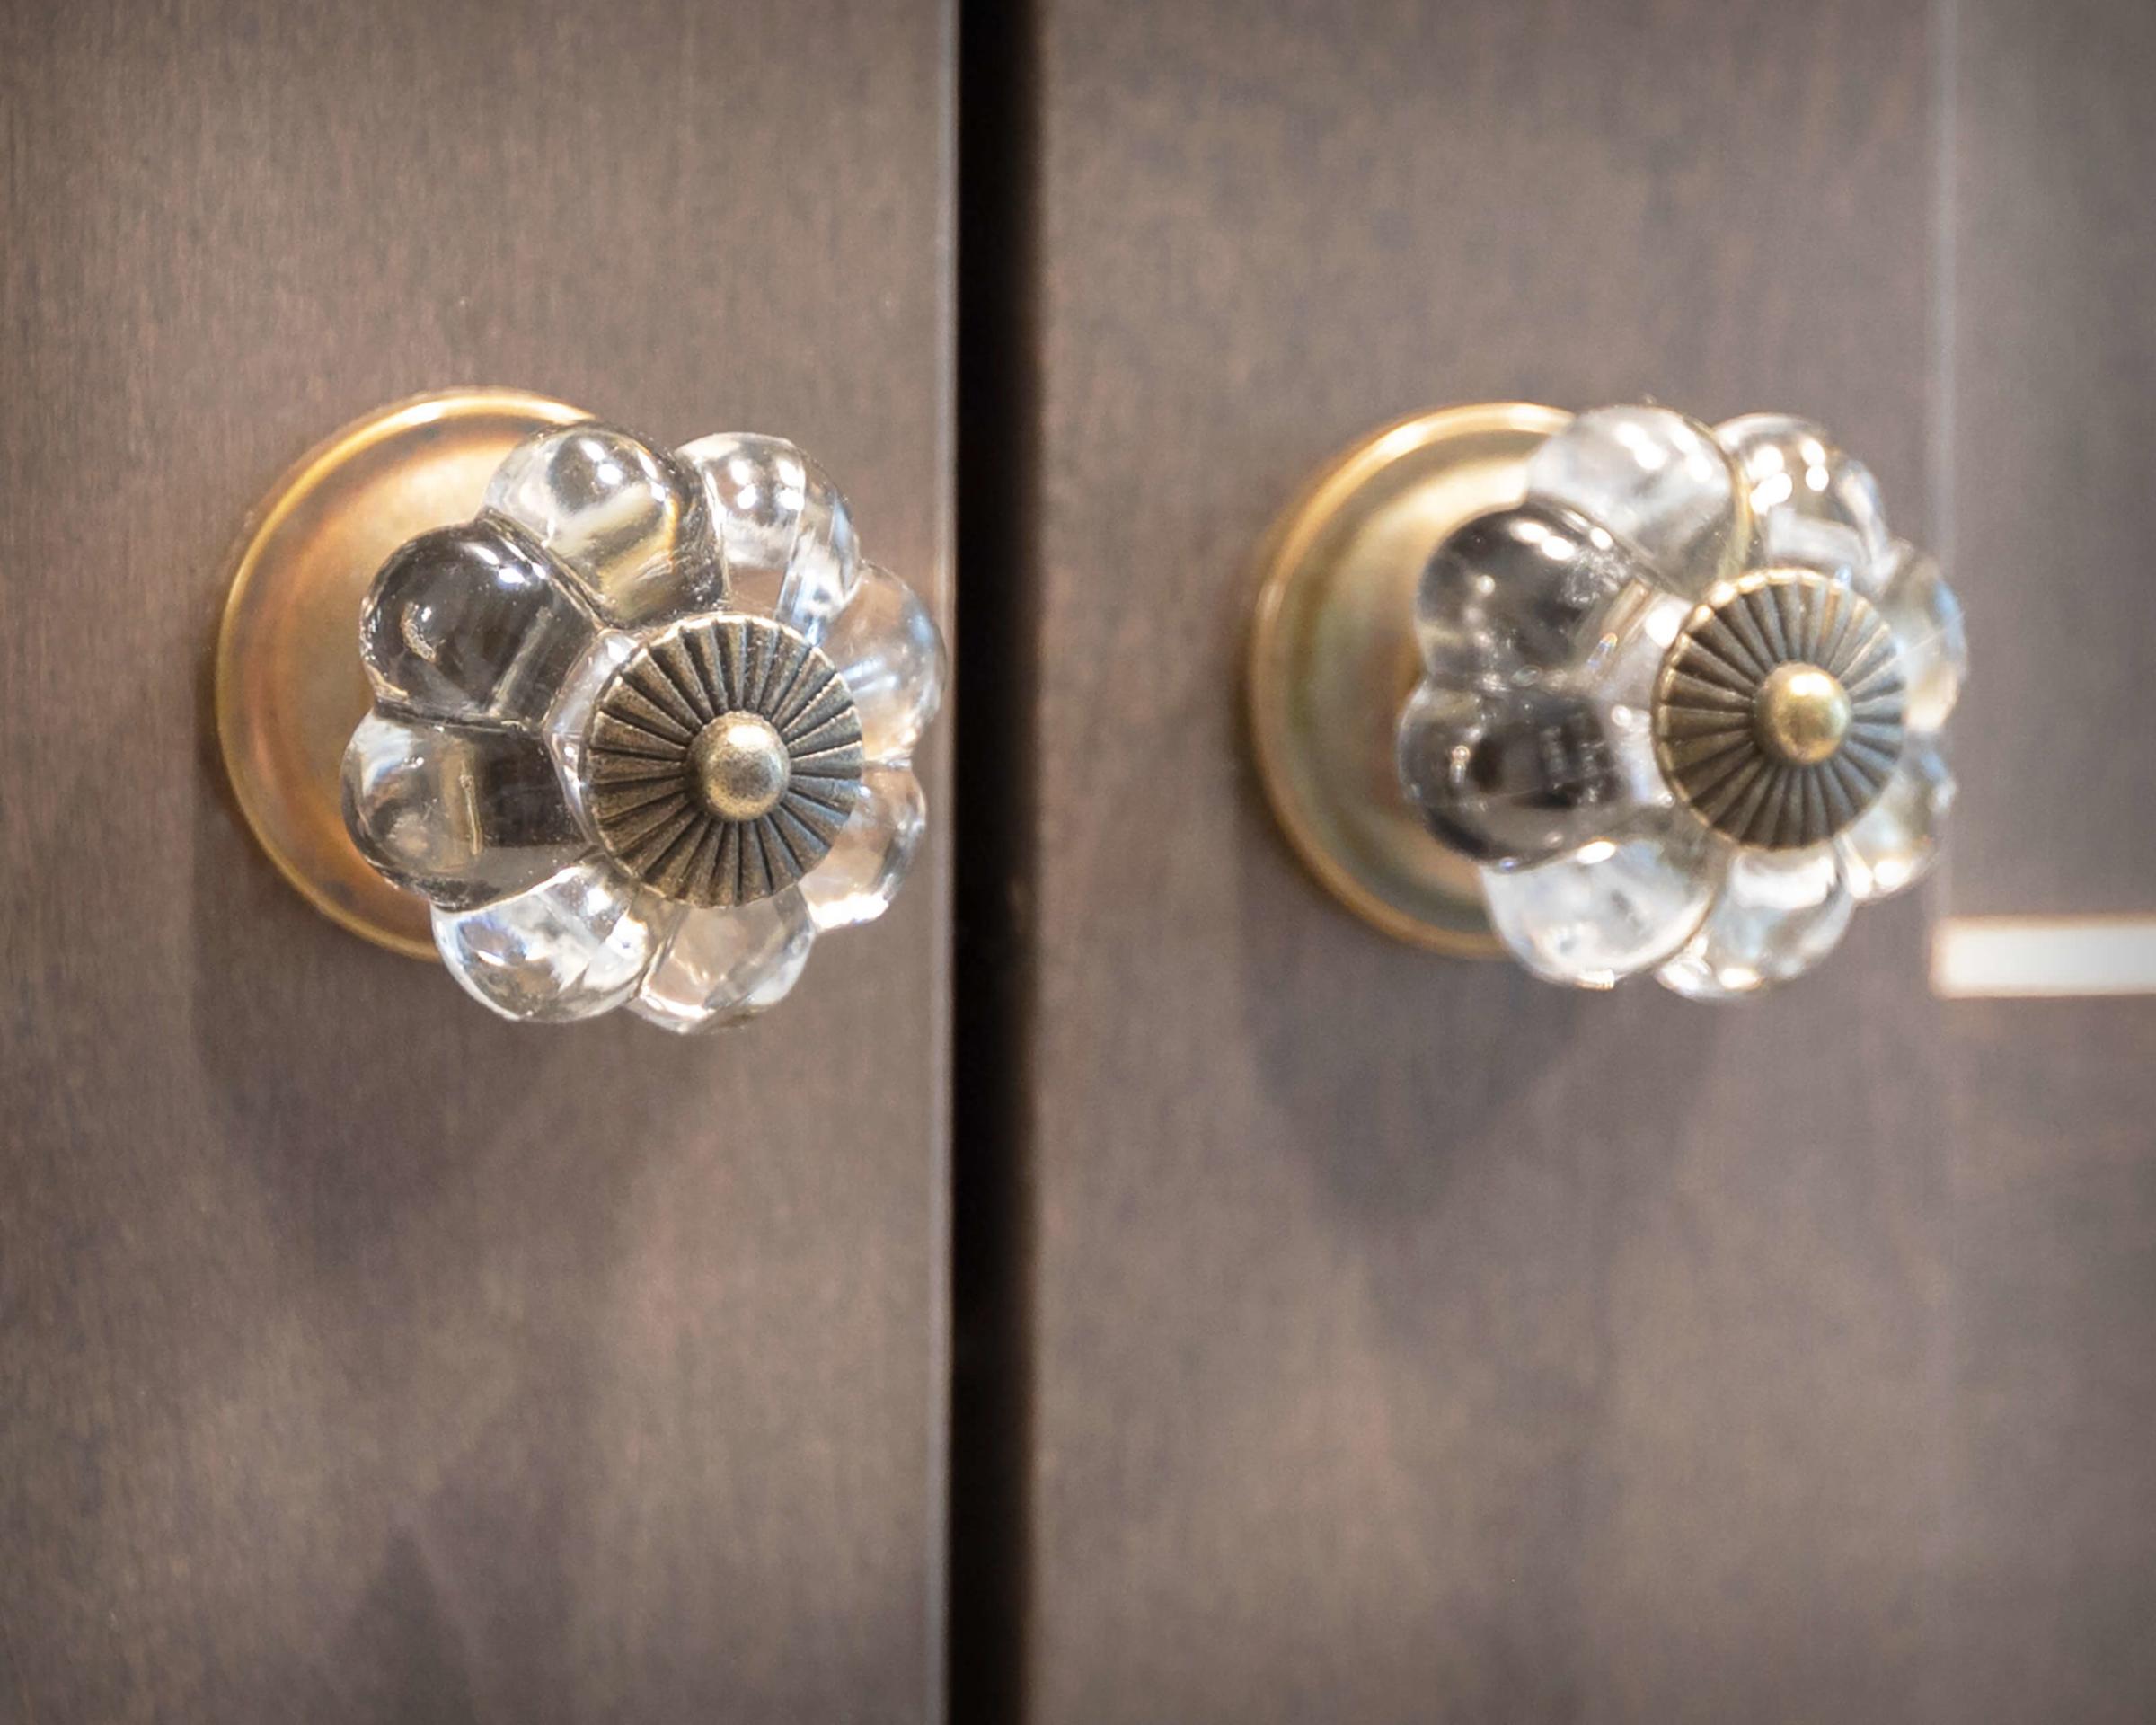 South Windsor kitchen remodel hardware detail